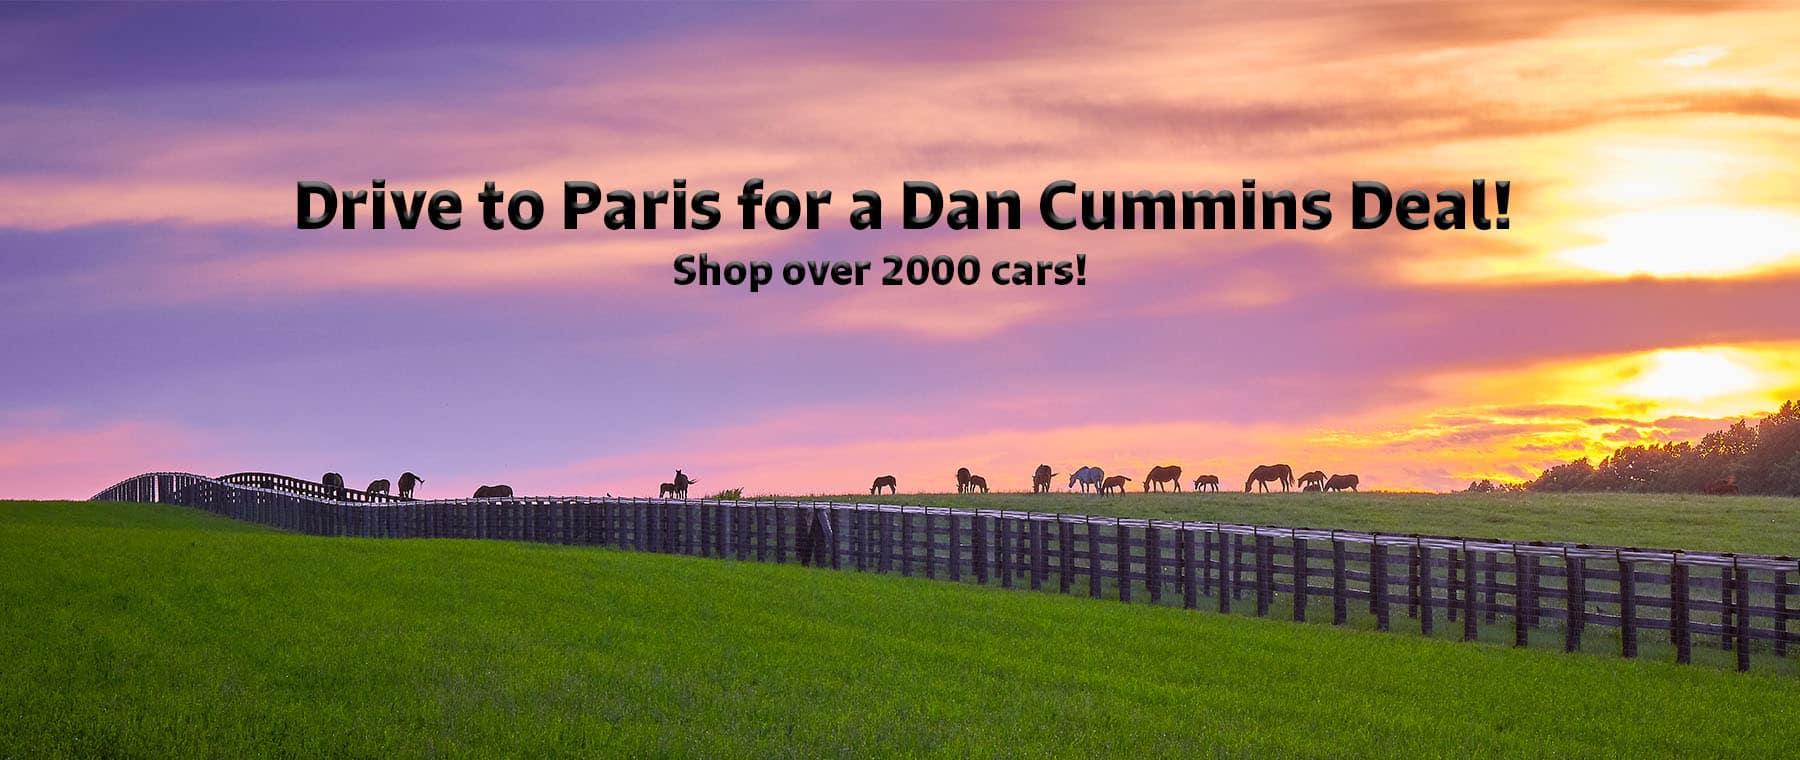 Dan Cummins Used Cars >> New Used Cars Trucks Dan Cummins Chevrolet Buick